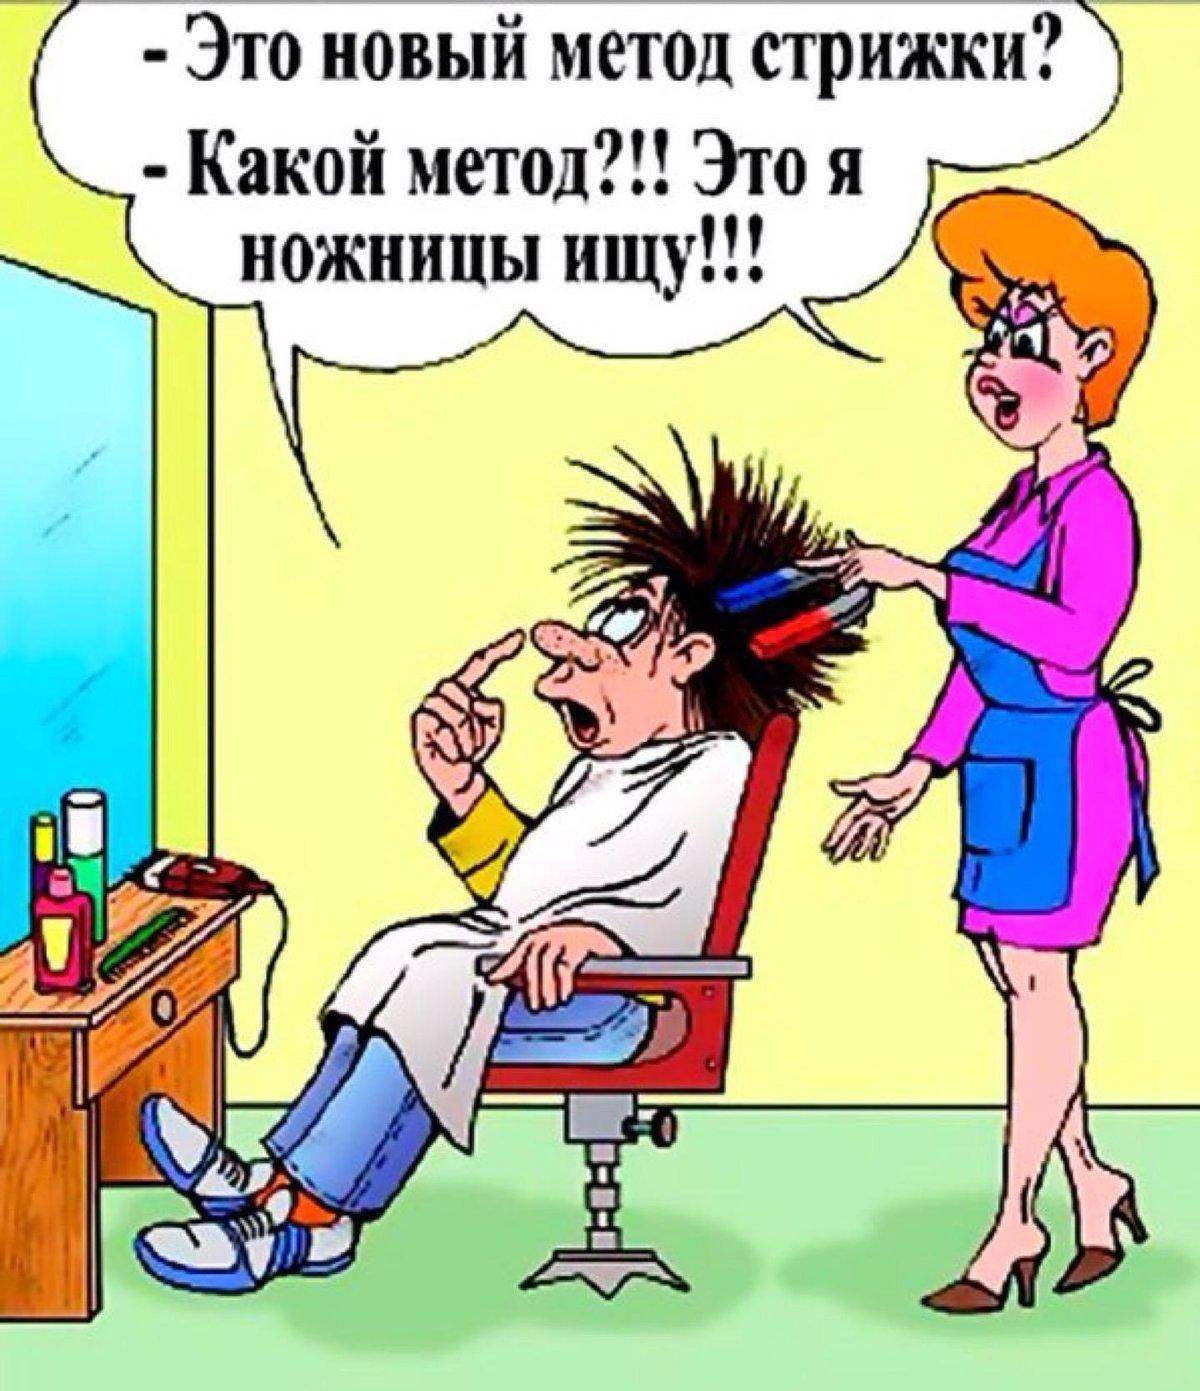 прикольные рисунки с парикмахером могут находиться калязинском